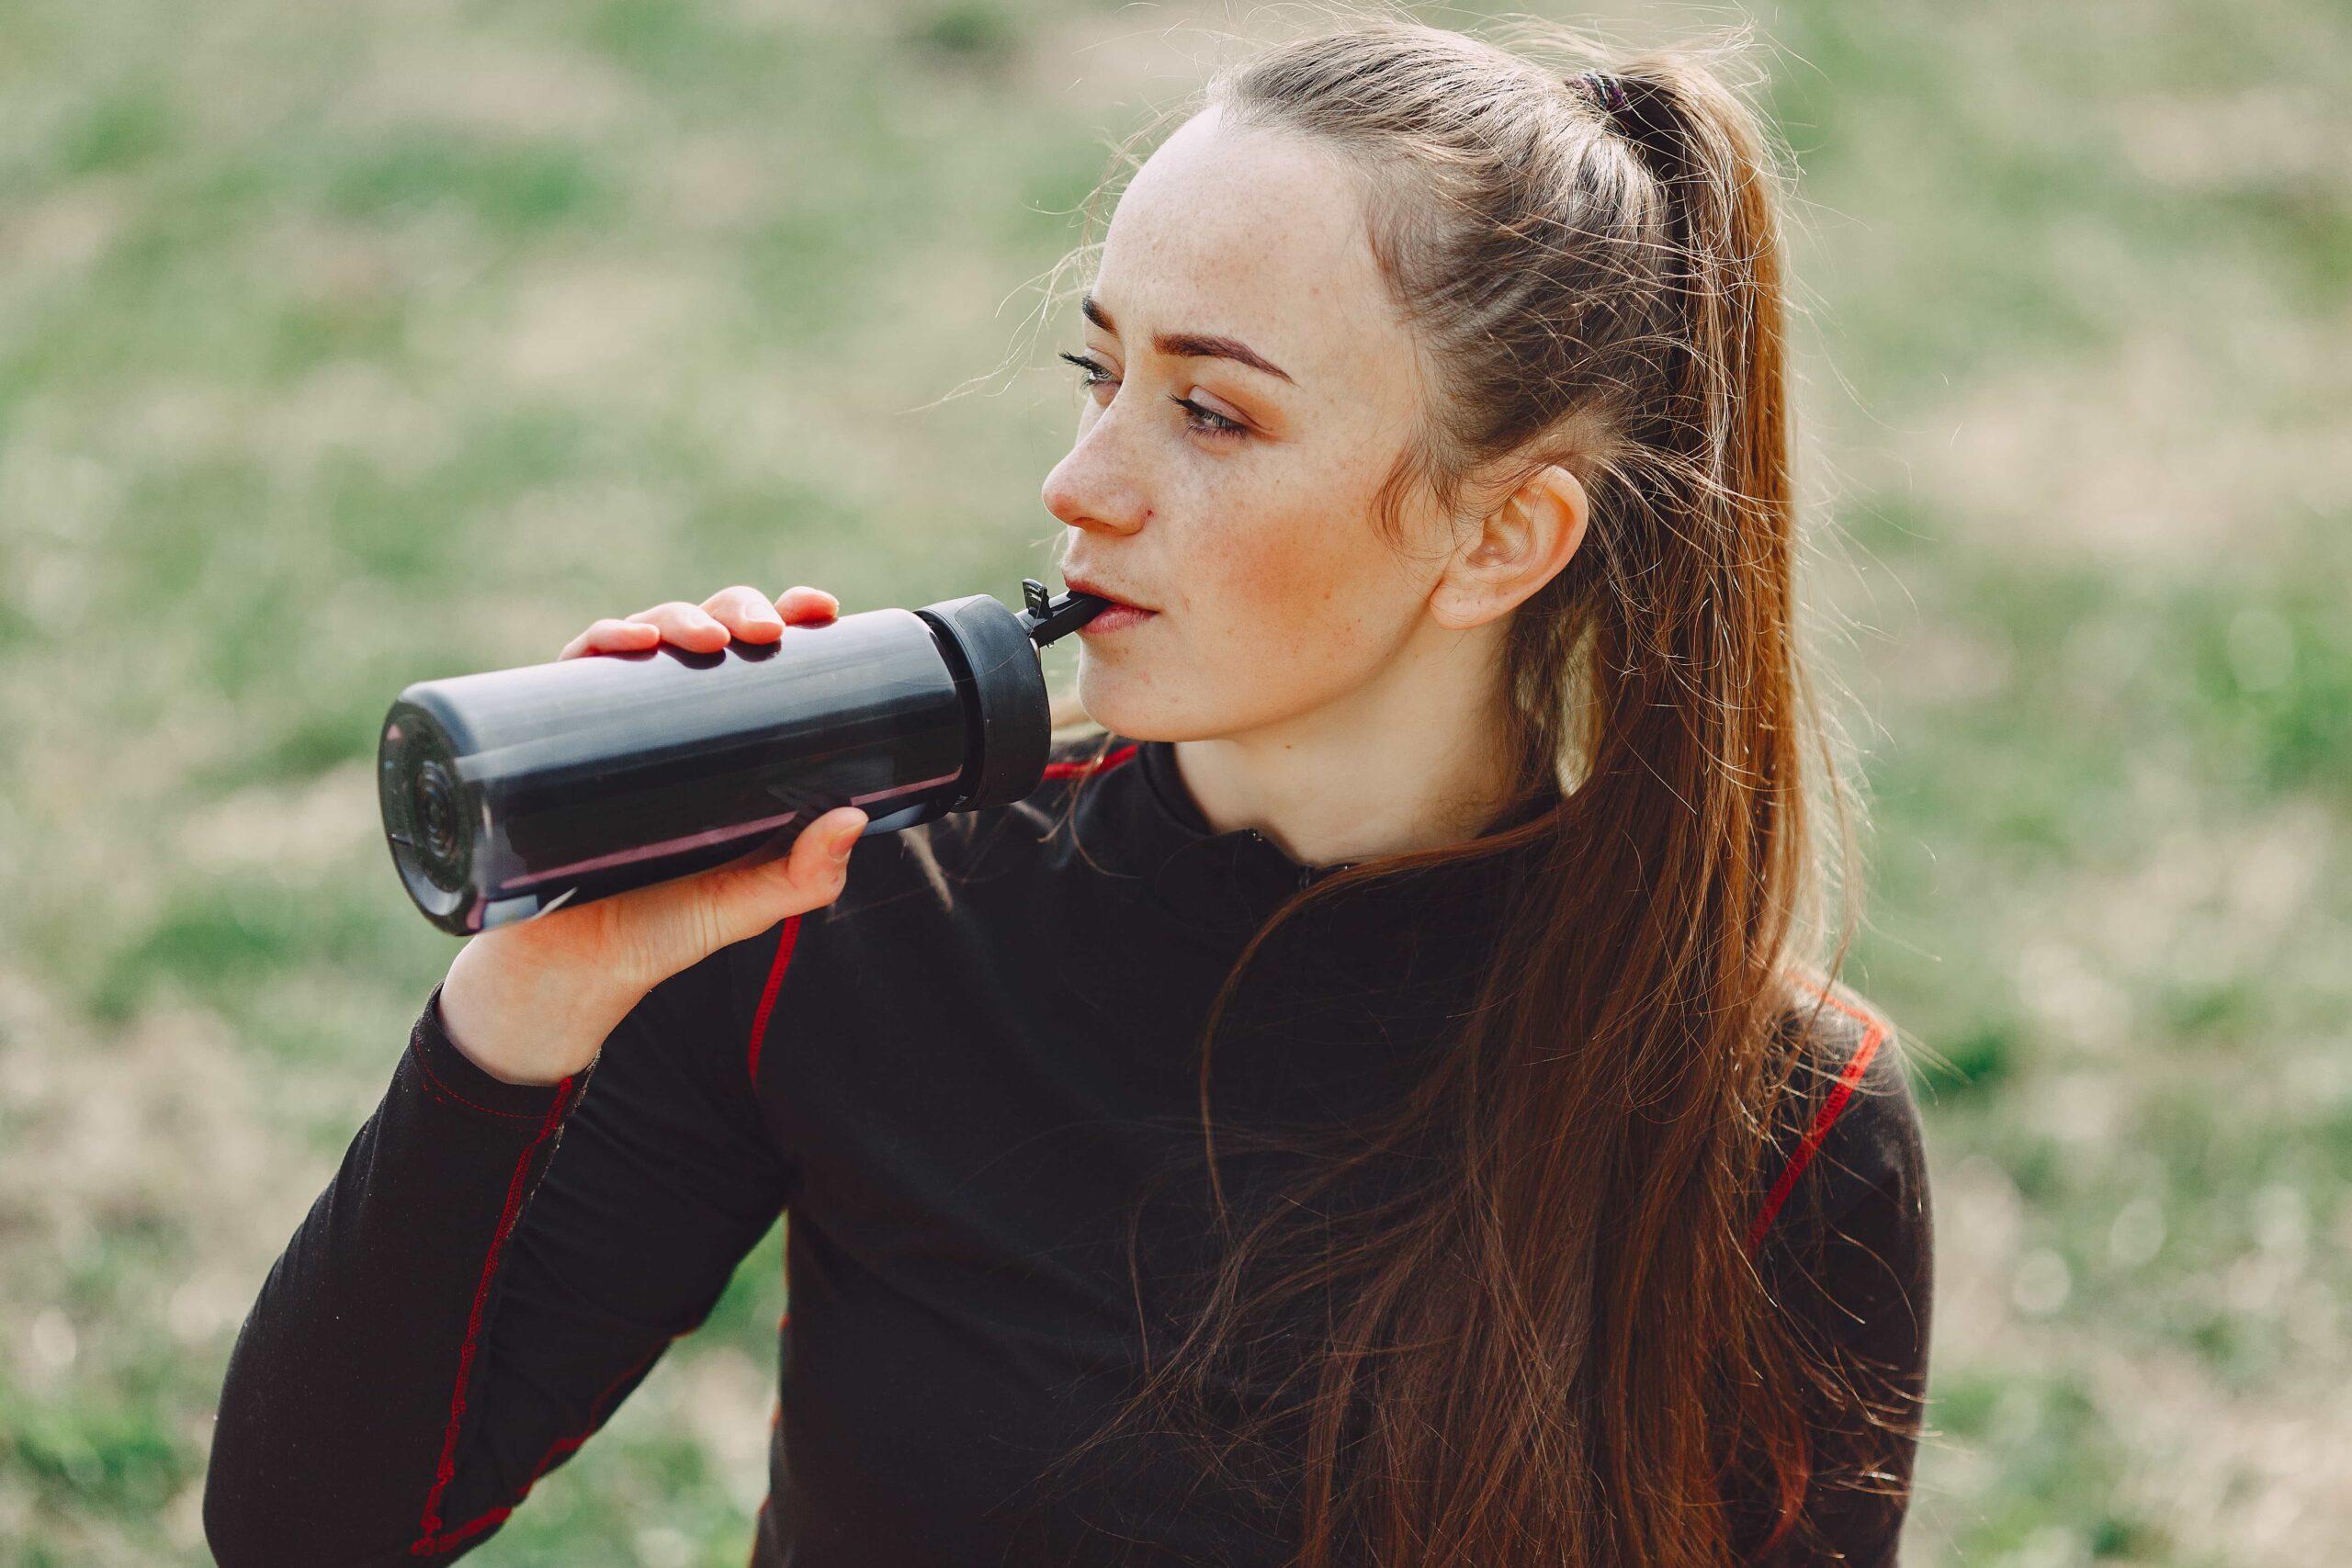 sportswoman-drinking-water-from-plastic-bottle-outdoors-4127318-min